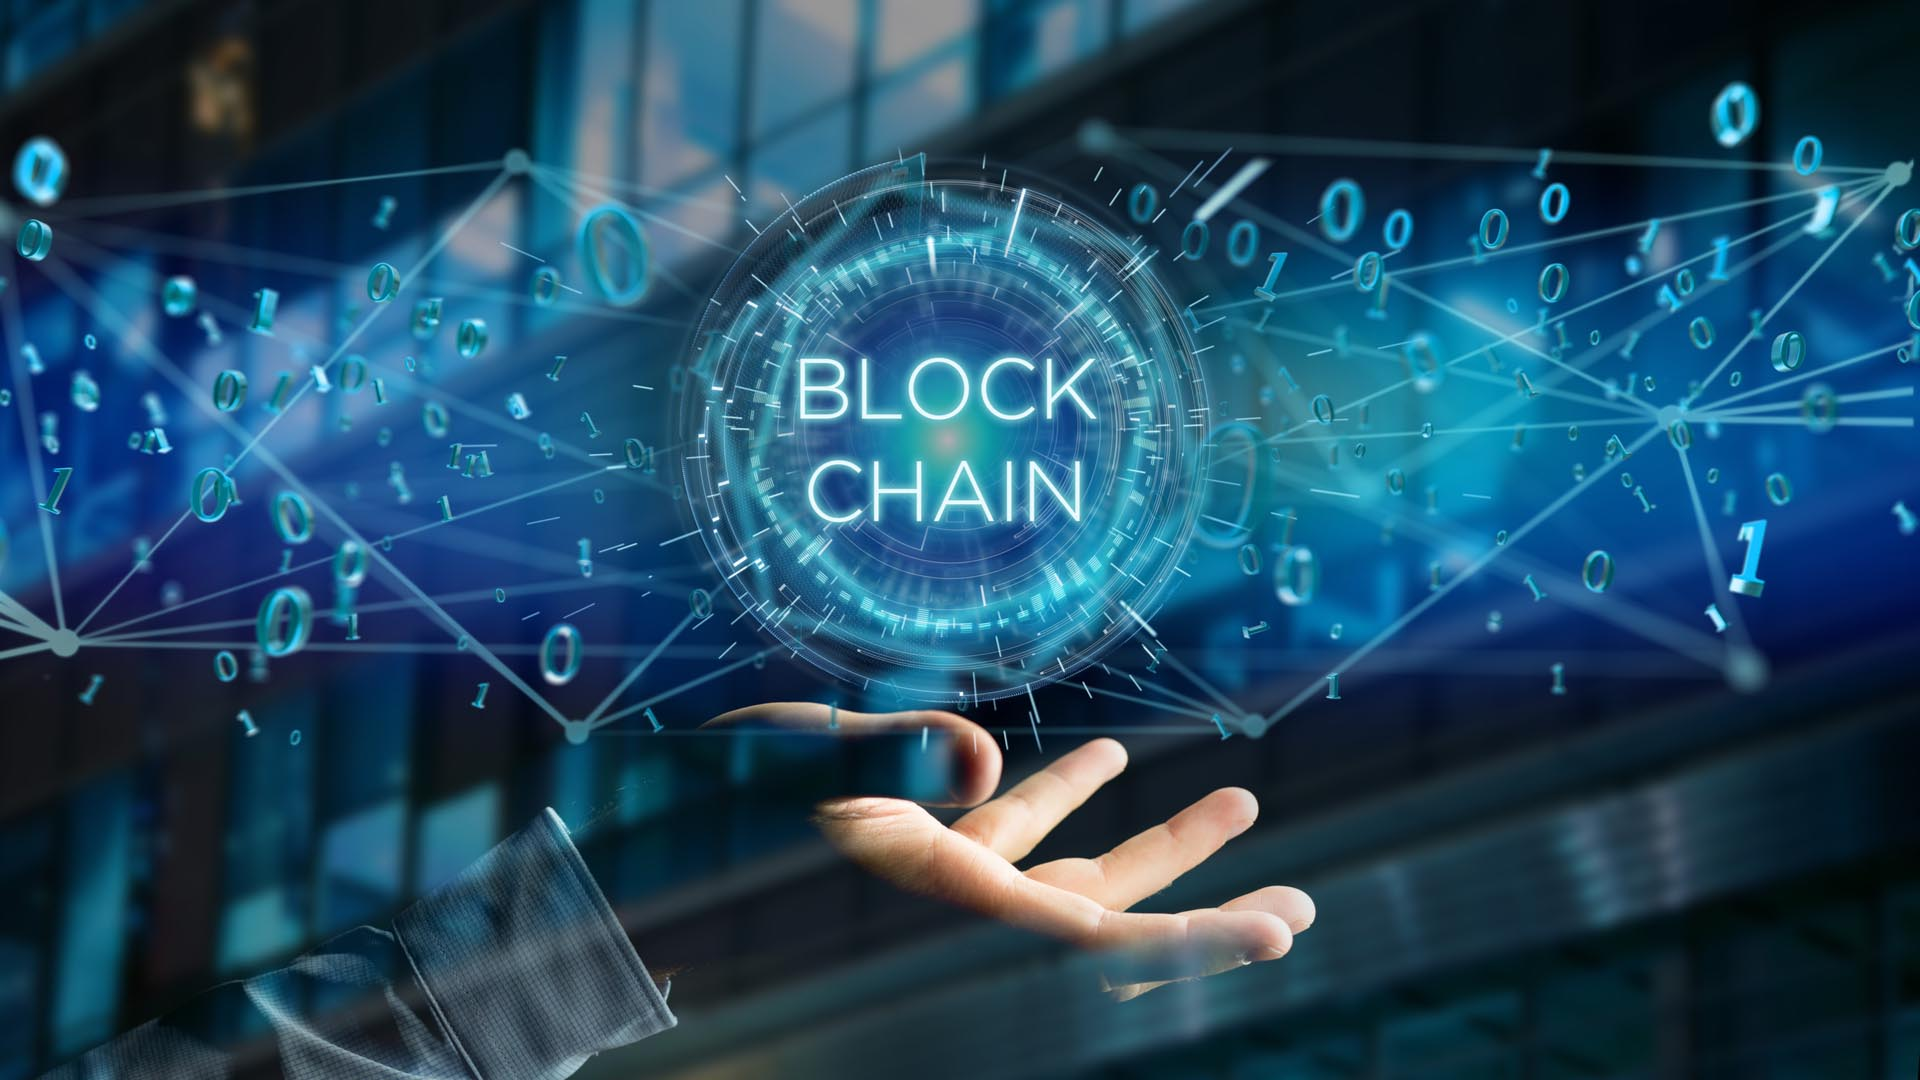 la blockchain per certificare la sanificazione degli ambienti - La Blockchain per certificare la sanificazione degli ambienti